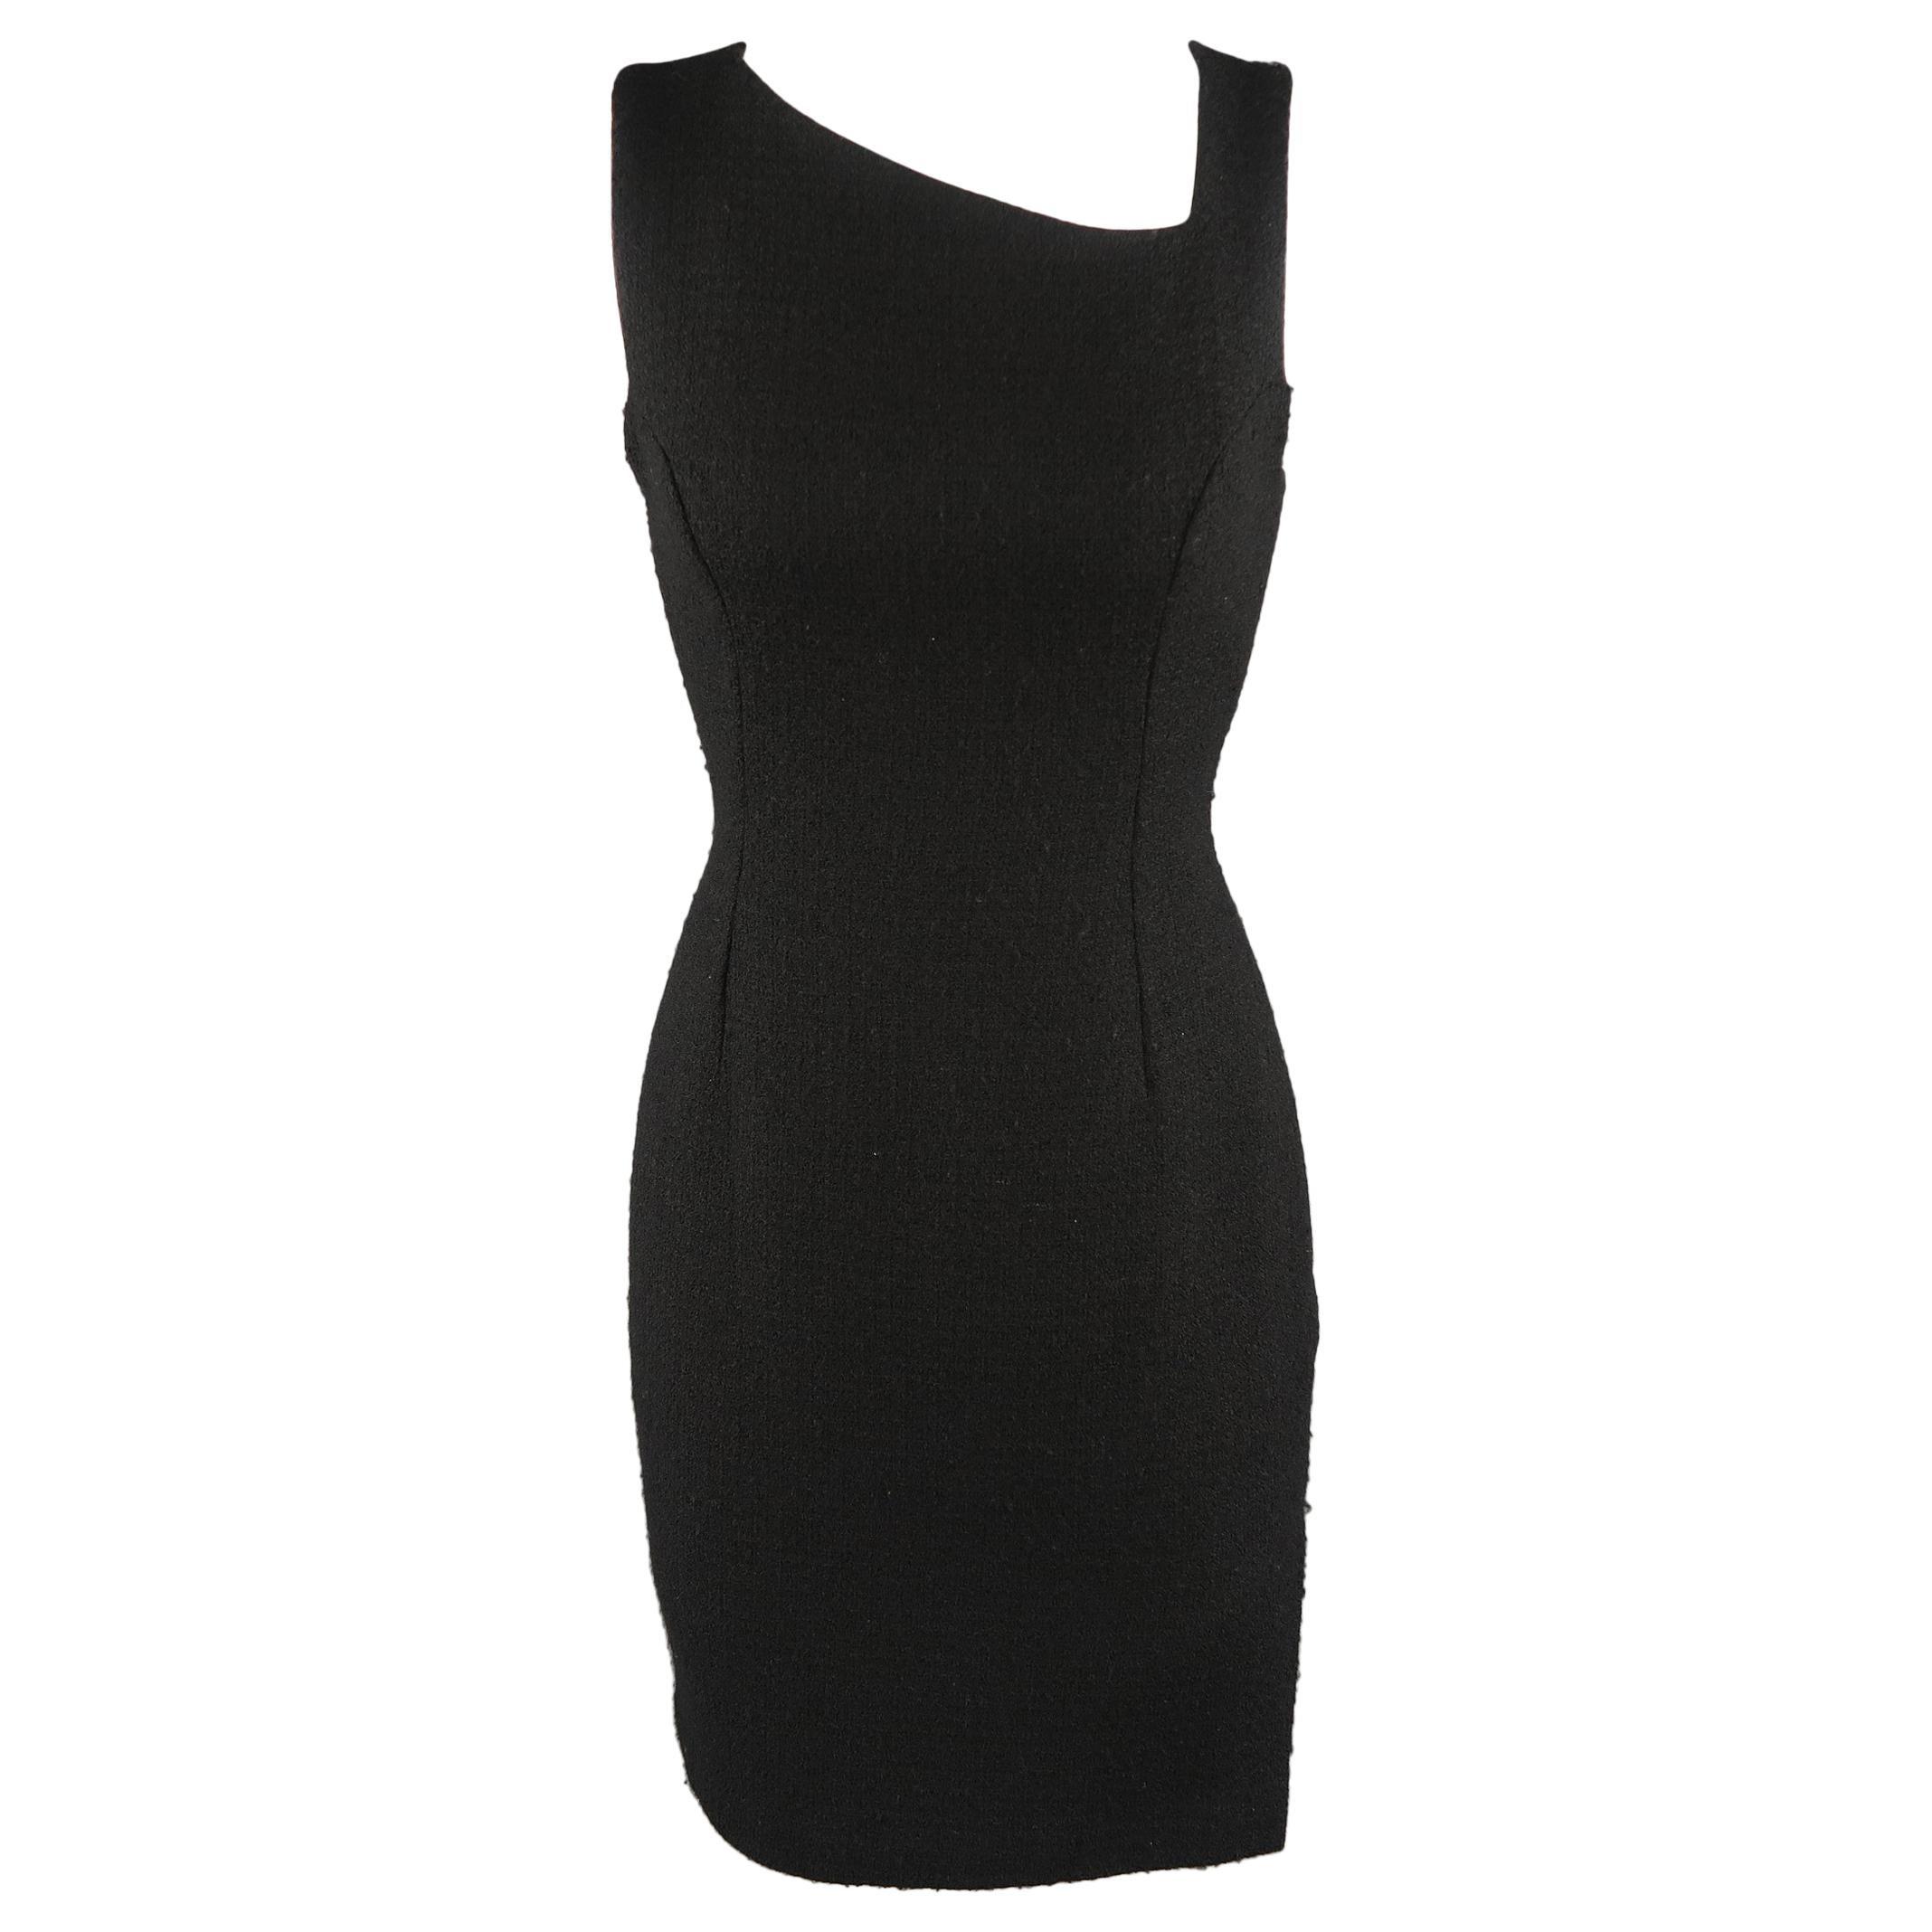 VERSUS by GIANNI VERSACE Size 4 Black Wool Blend Tweed Asymmetrical Dress